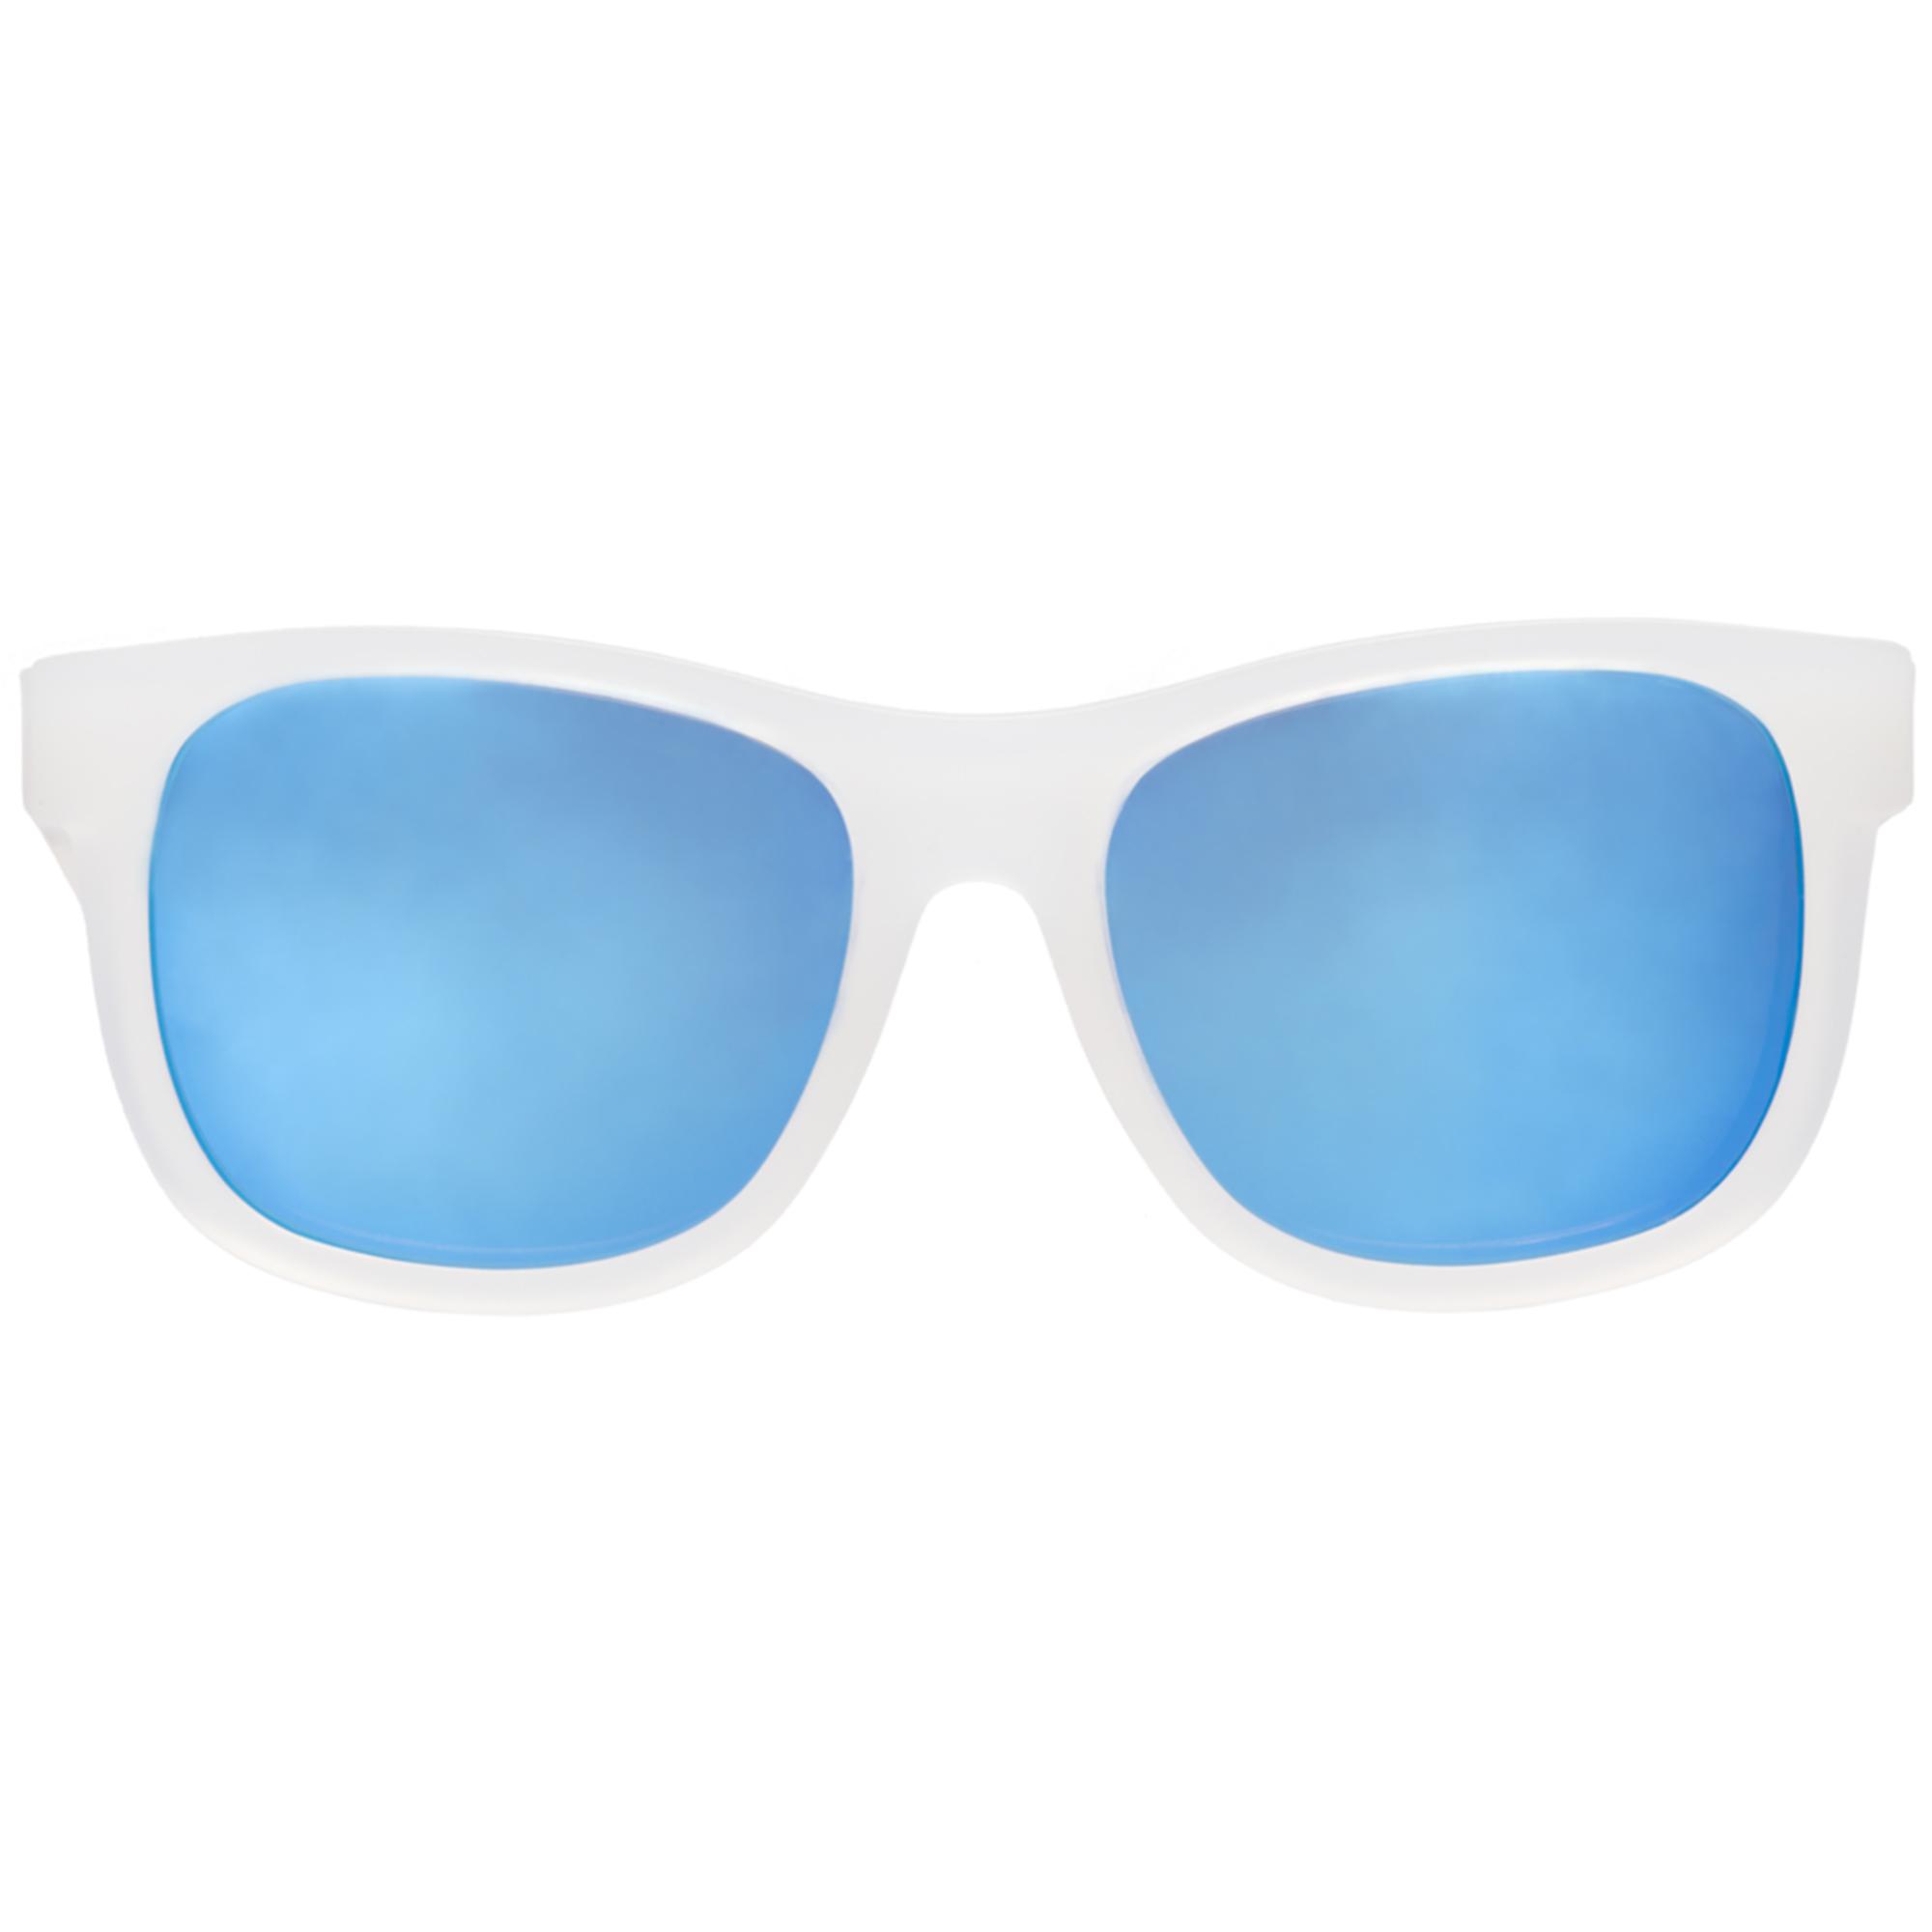 Ochelari de soare pentru copii, BABIATORS, Premium-Blue Ice Junior, 0-2 ani